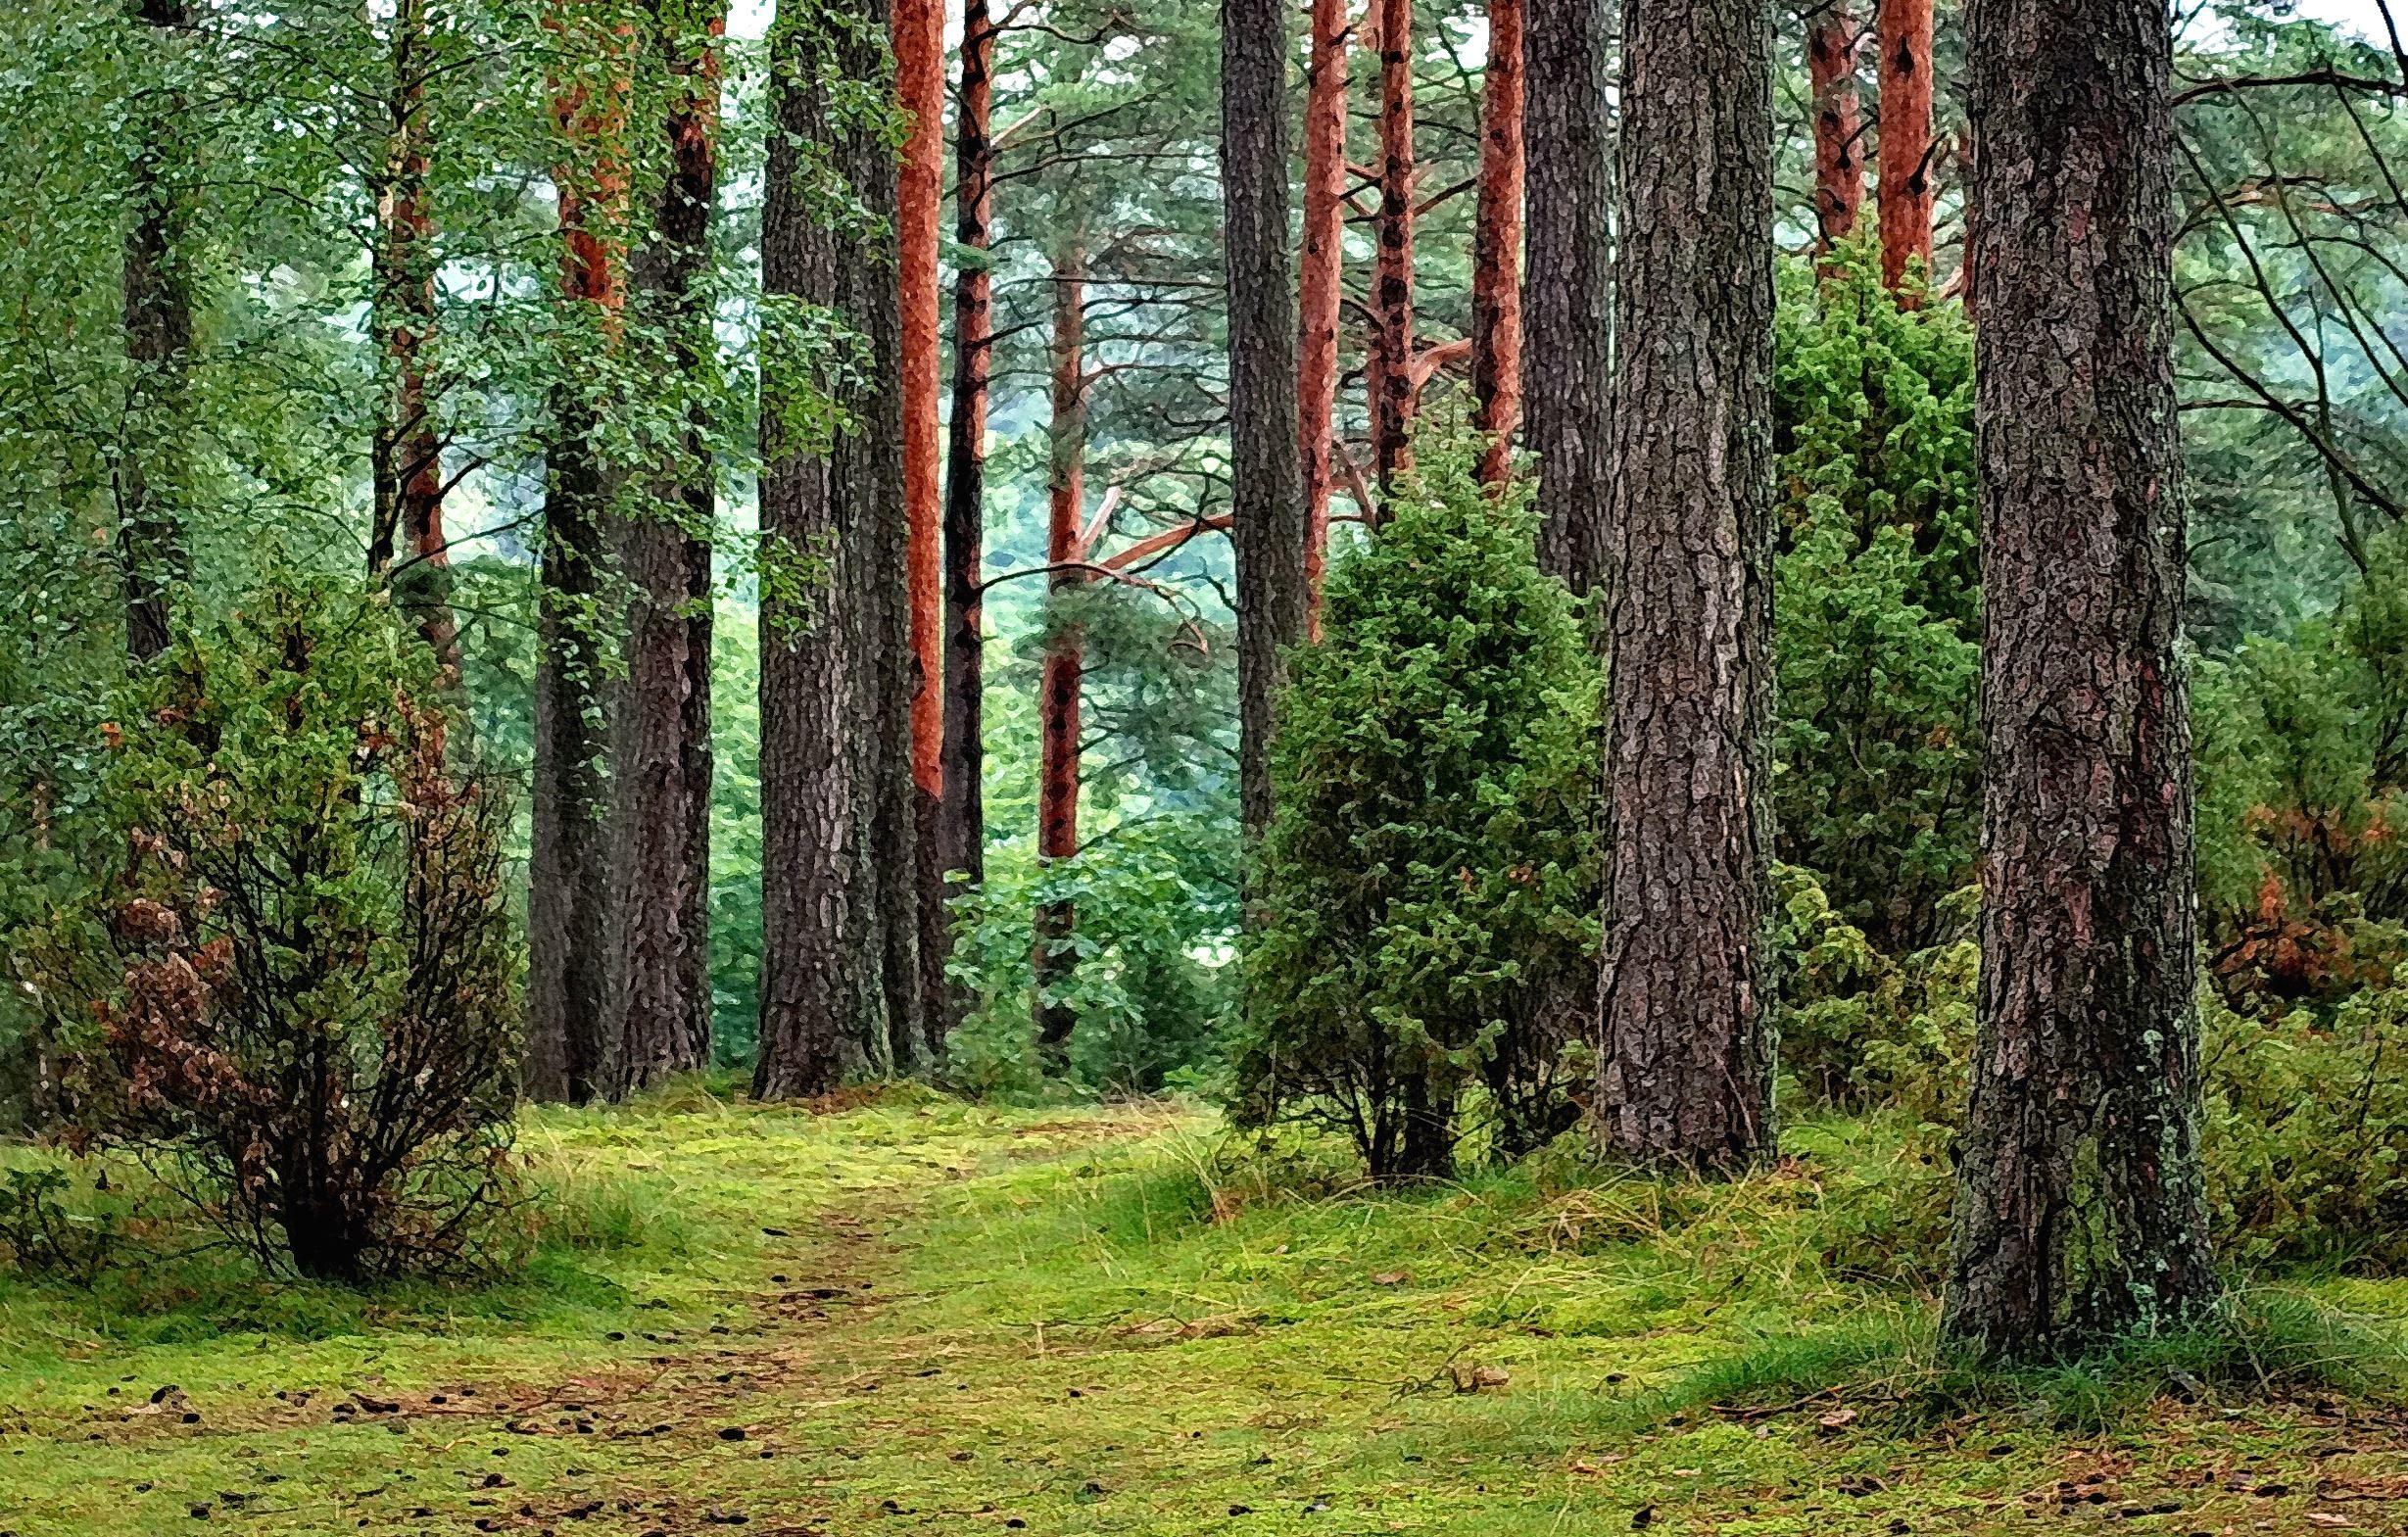 Image Libre  Tronc D U0026 39 Arbre  Le Bois  L U0026 39 Environnement  La